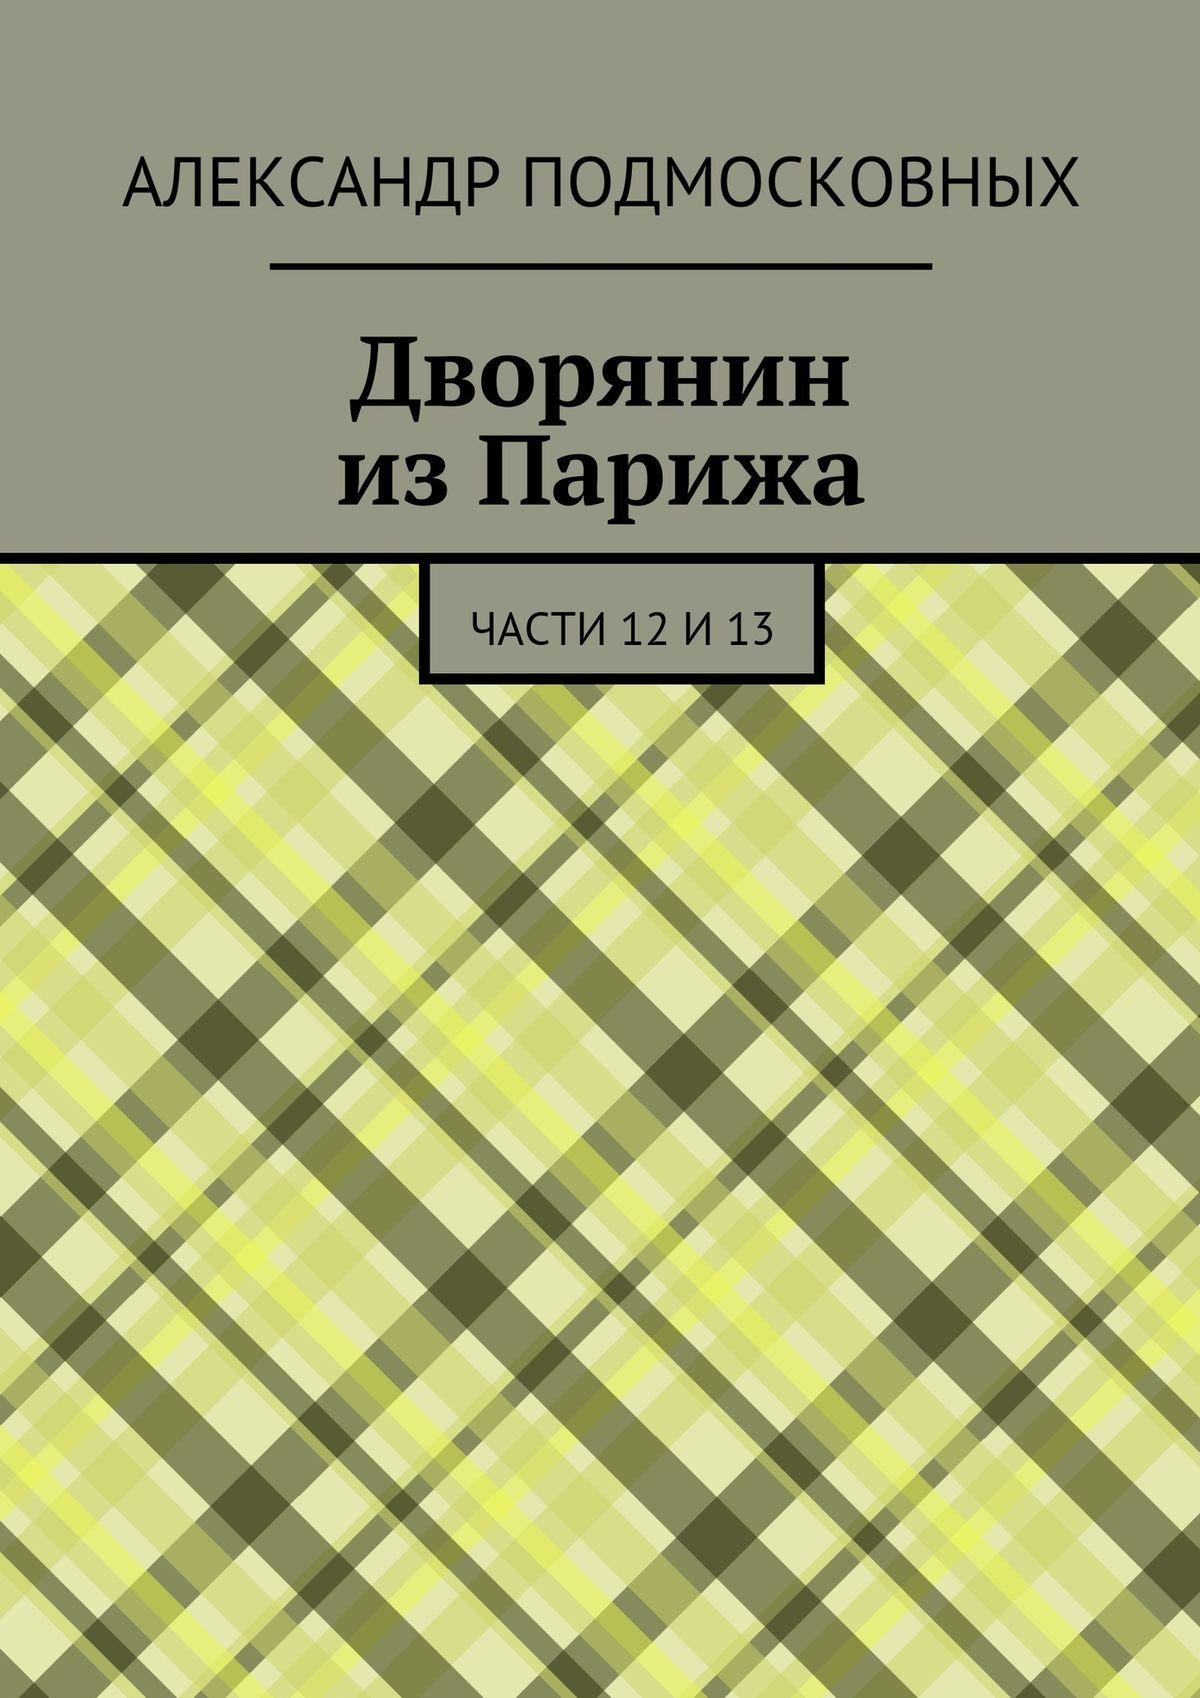 Дворянин изПарижа. части 12и13